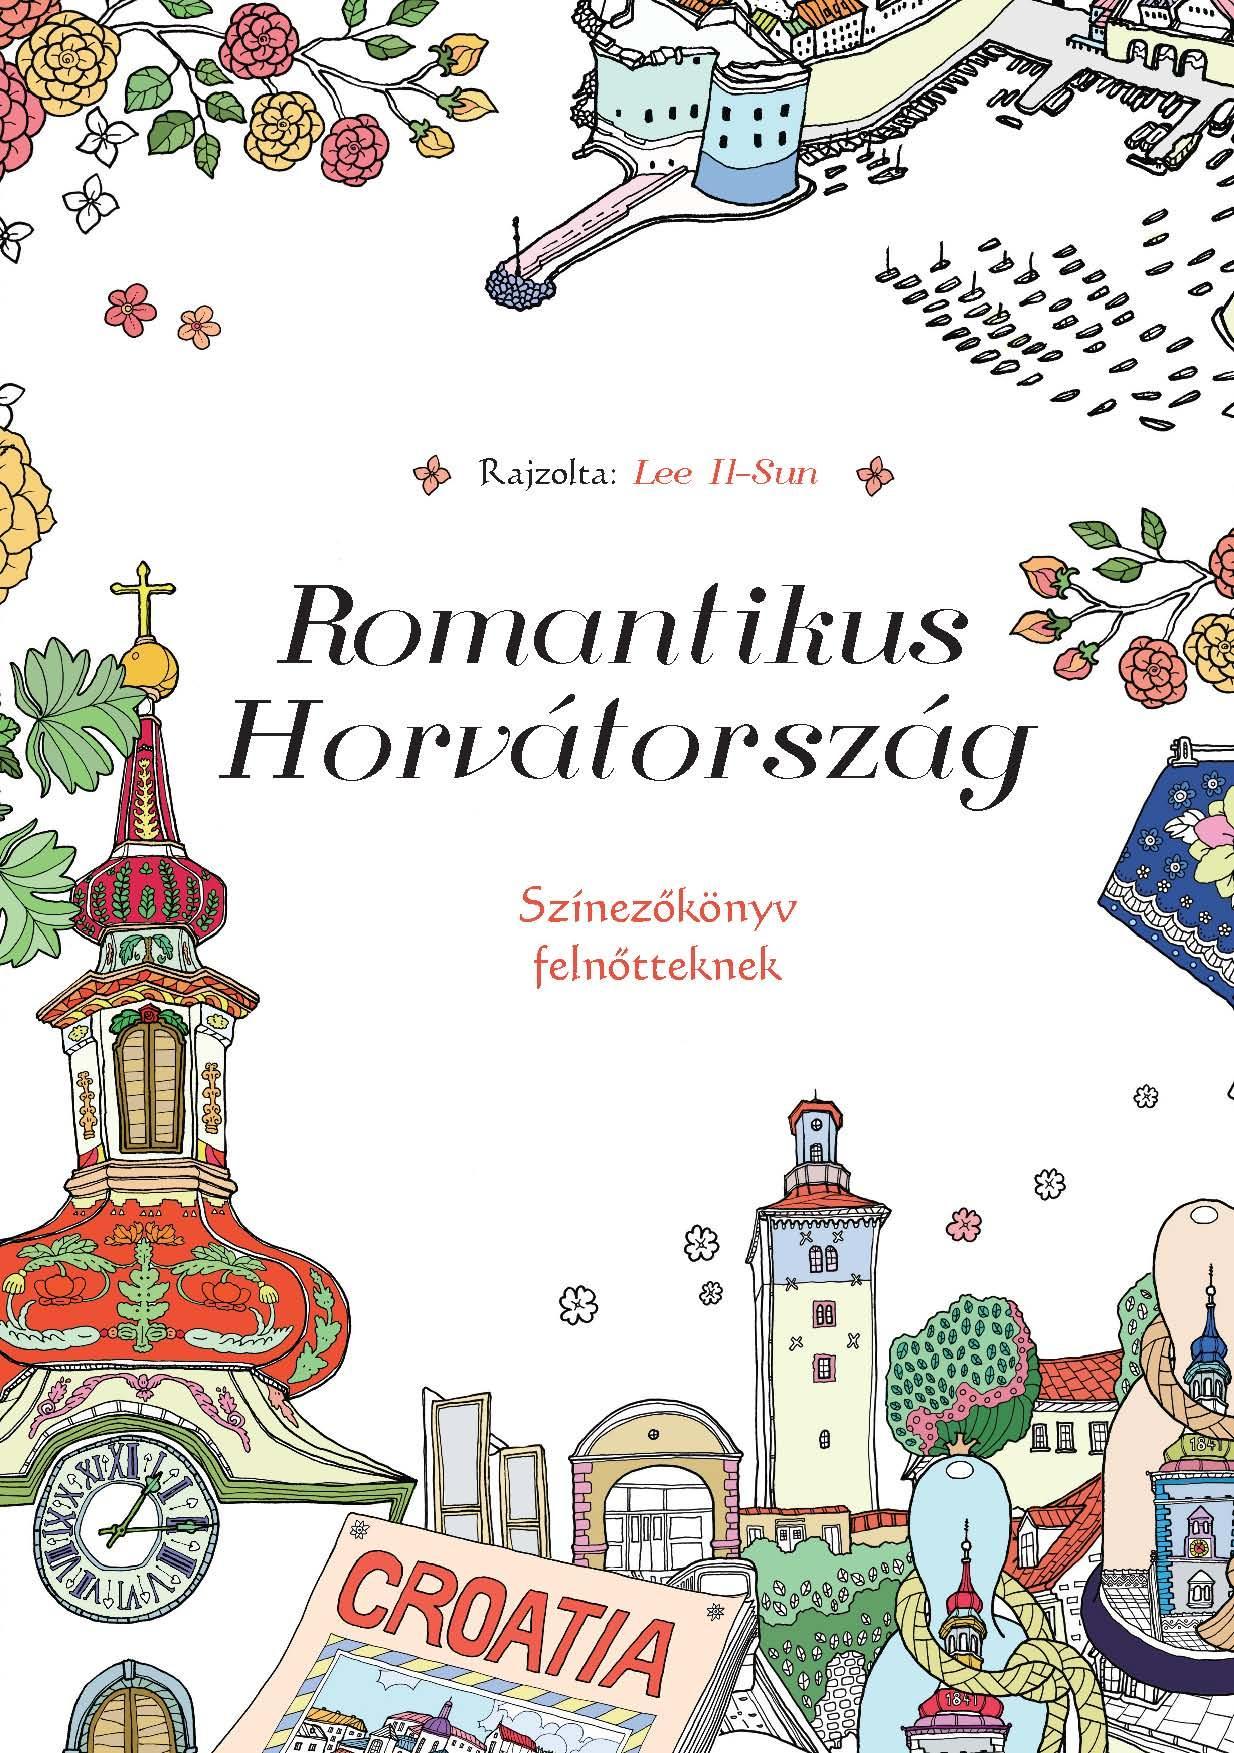 ROMANTIKUS HORVÁTORSZÁG - SZÍNEZŐKÖNYV FELNŐTTEKNEK